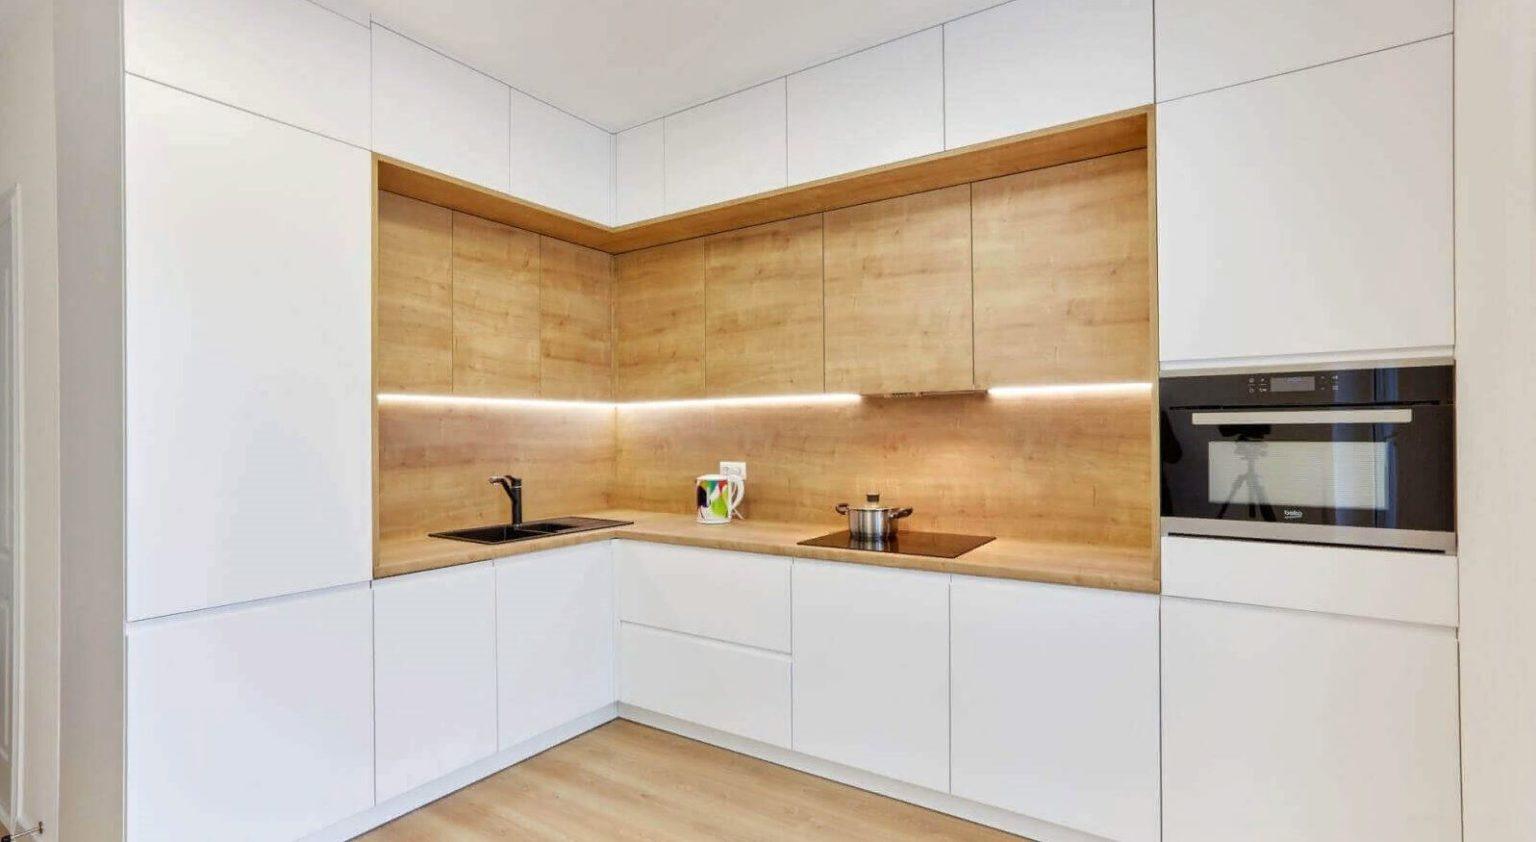 Фартук для кухни: советы по выбору материалов